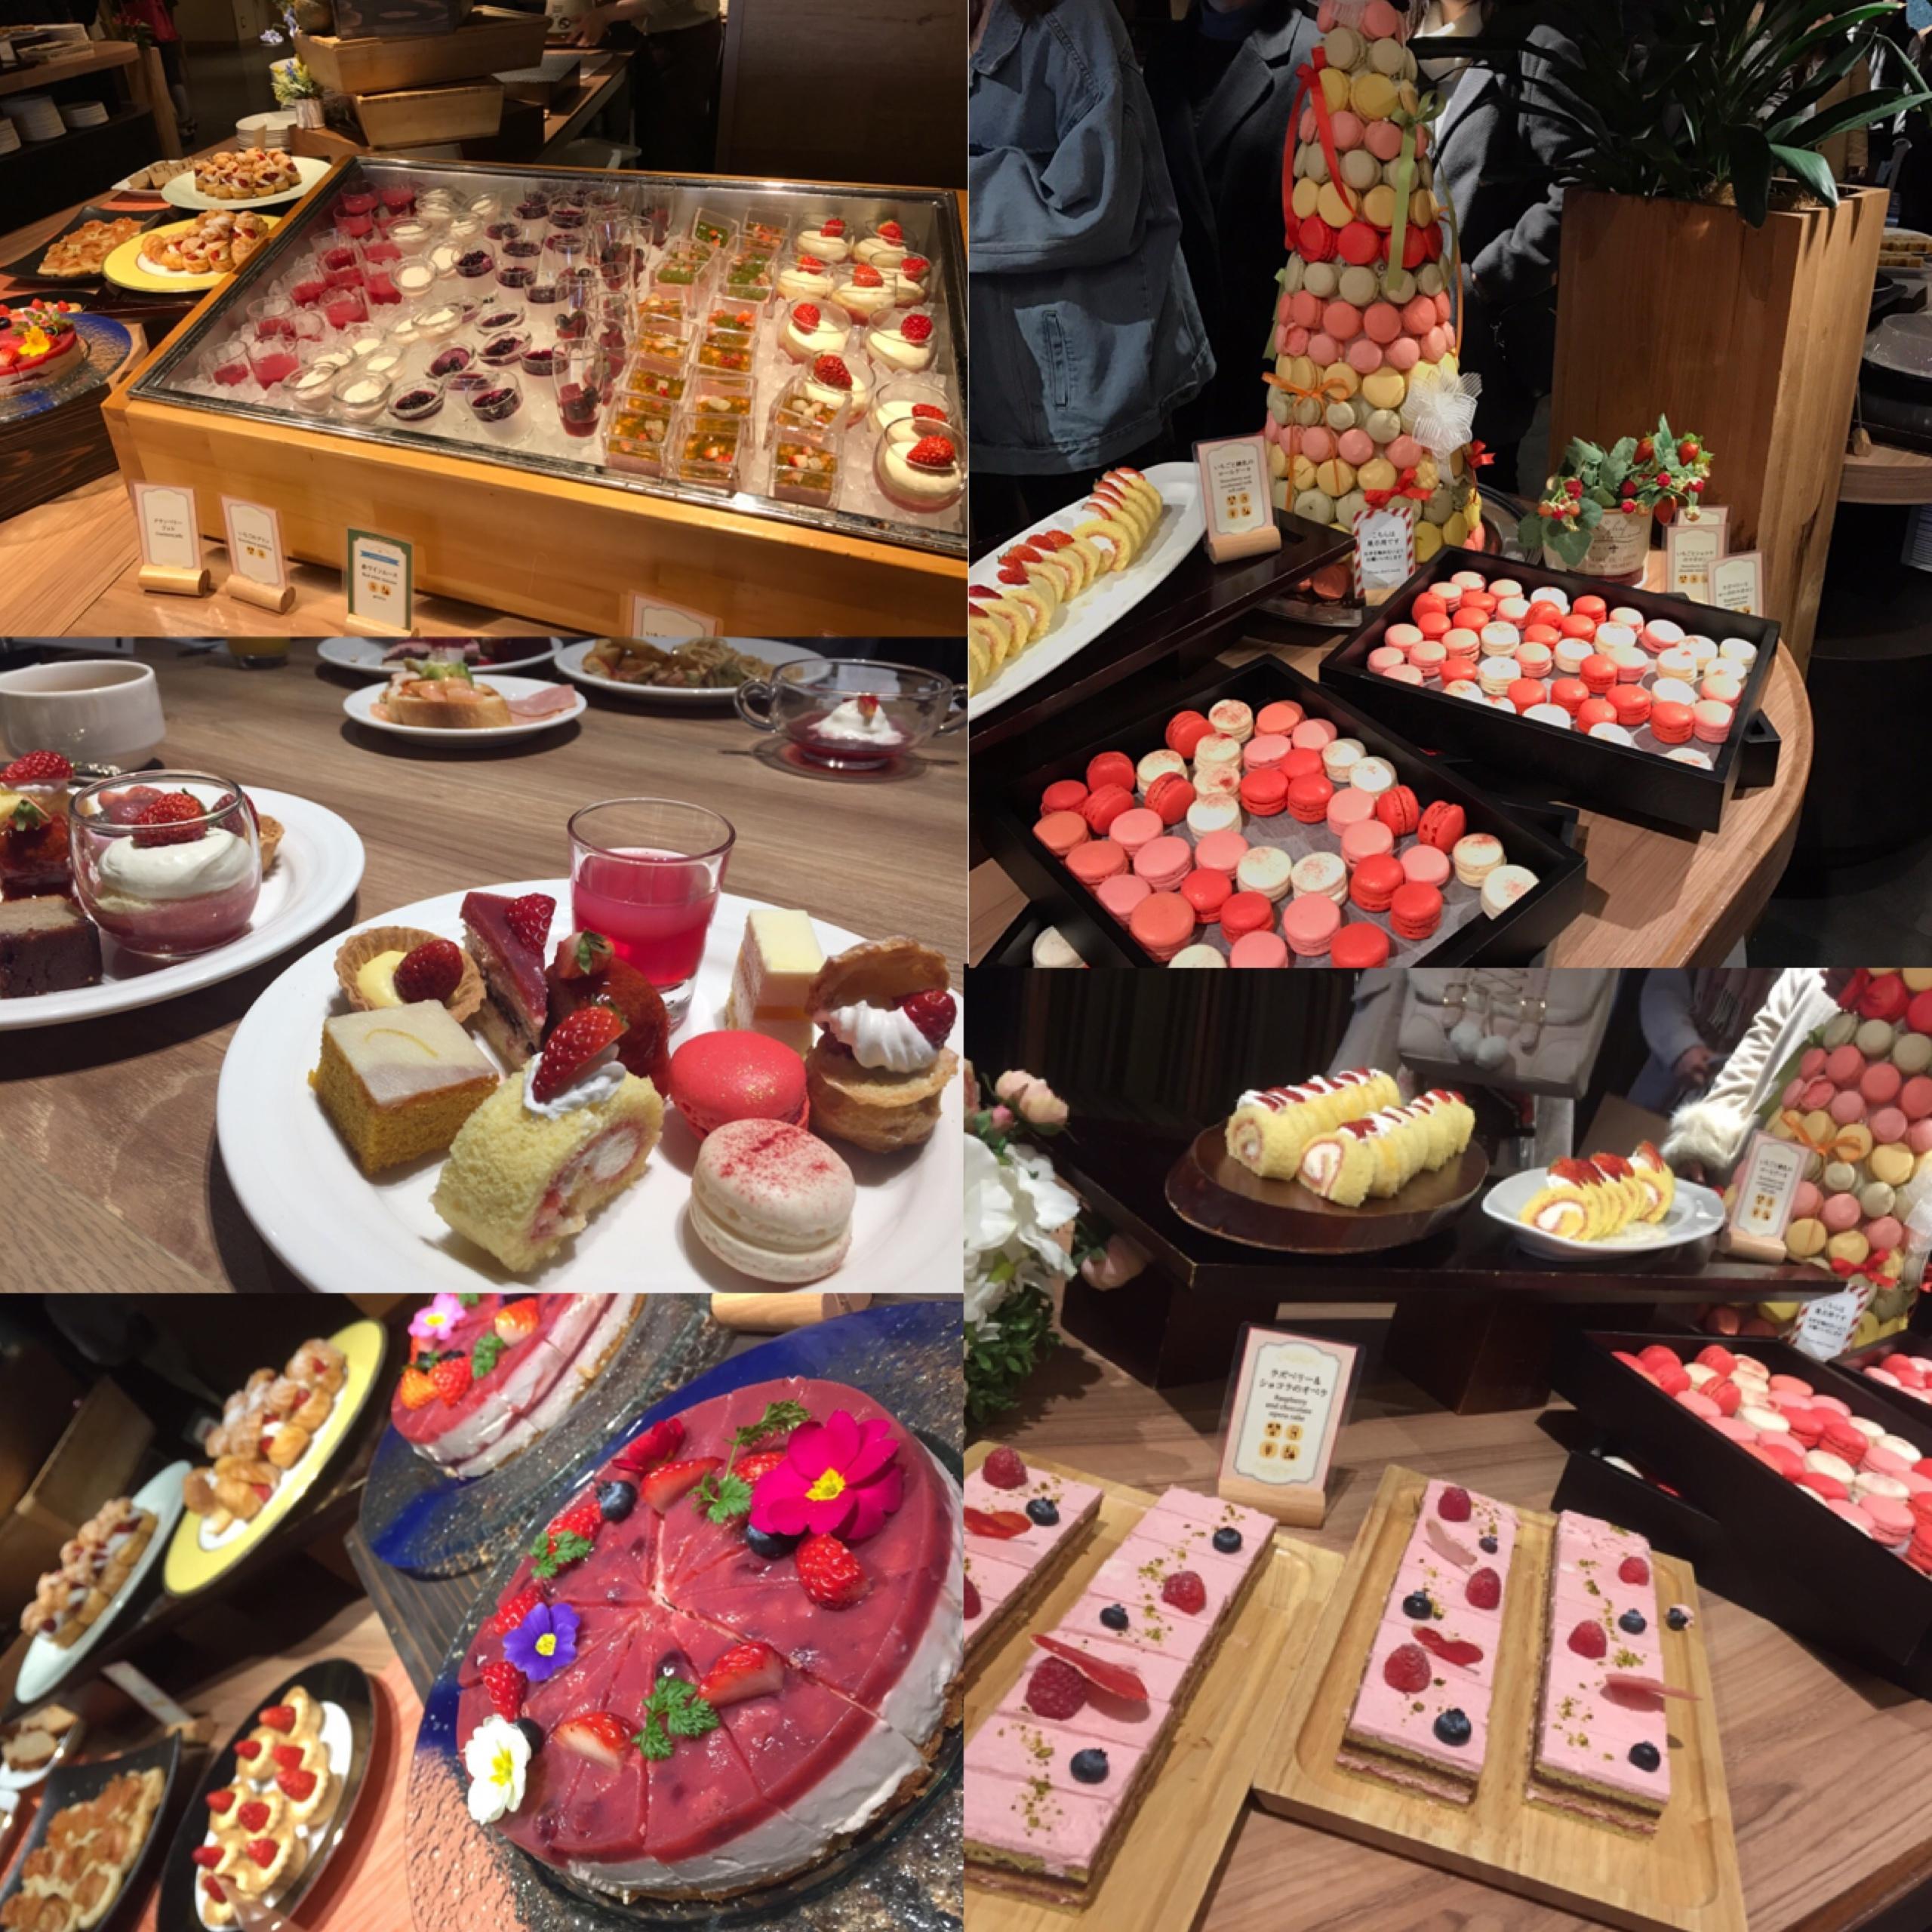 スイーツ好き必見!京都タワーホテル Berry sweets buffet ♡_1_1